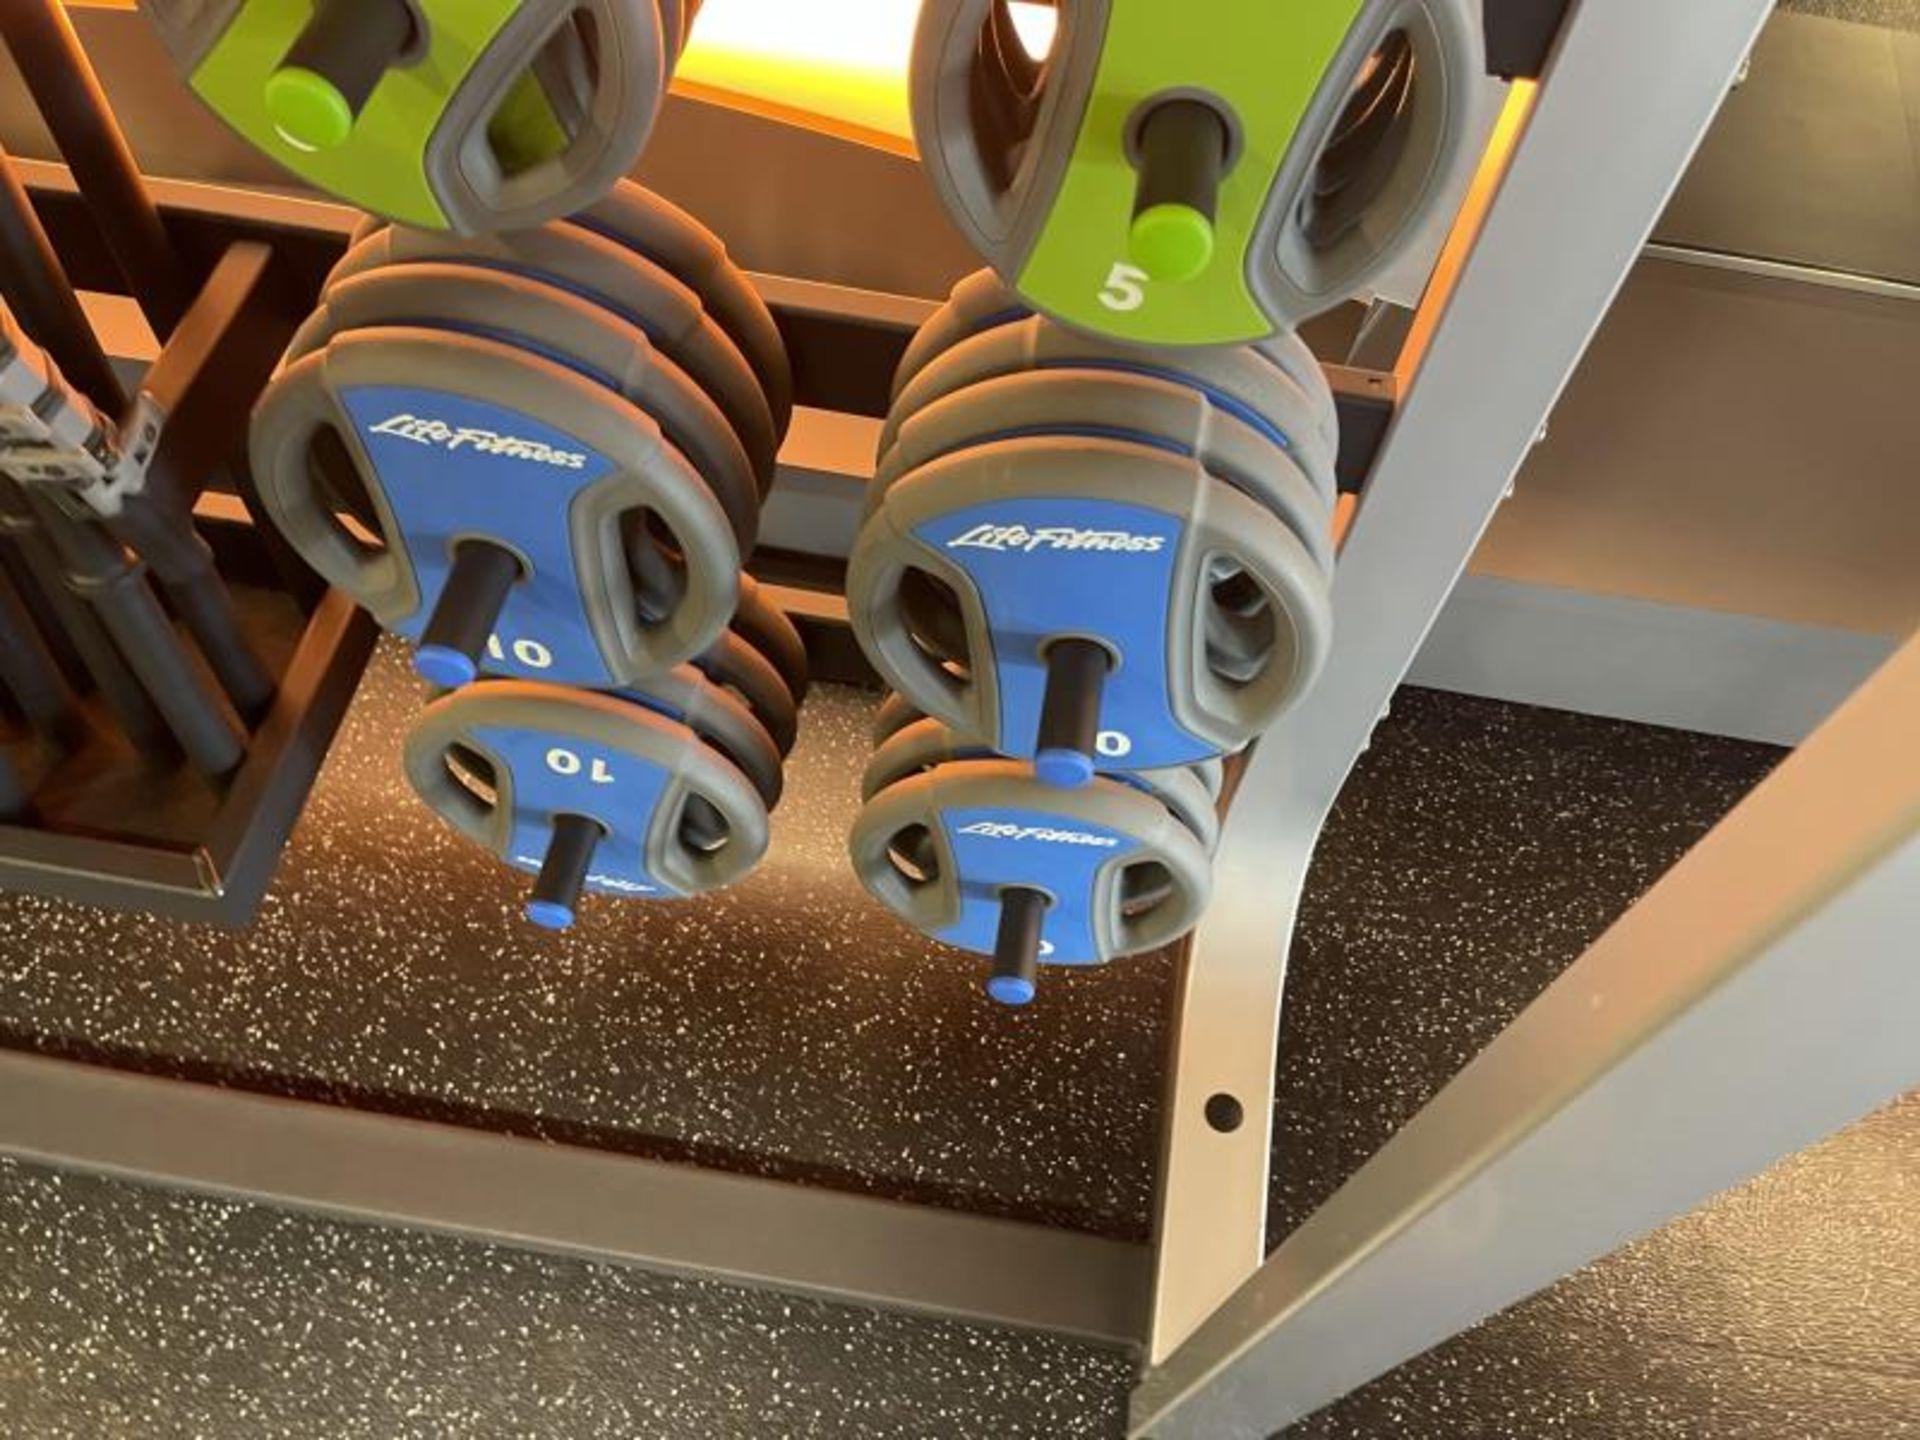 Life Fitness Studio Barbell Pack Urethane 2.5#, 5#, 10#, 13 Bars, Rack Model GBB - Image 6 of 9